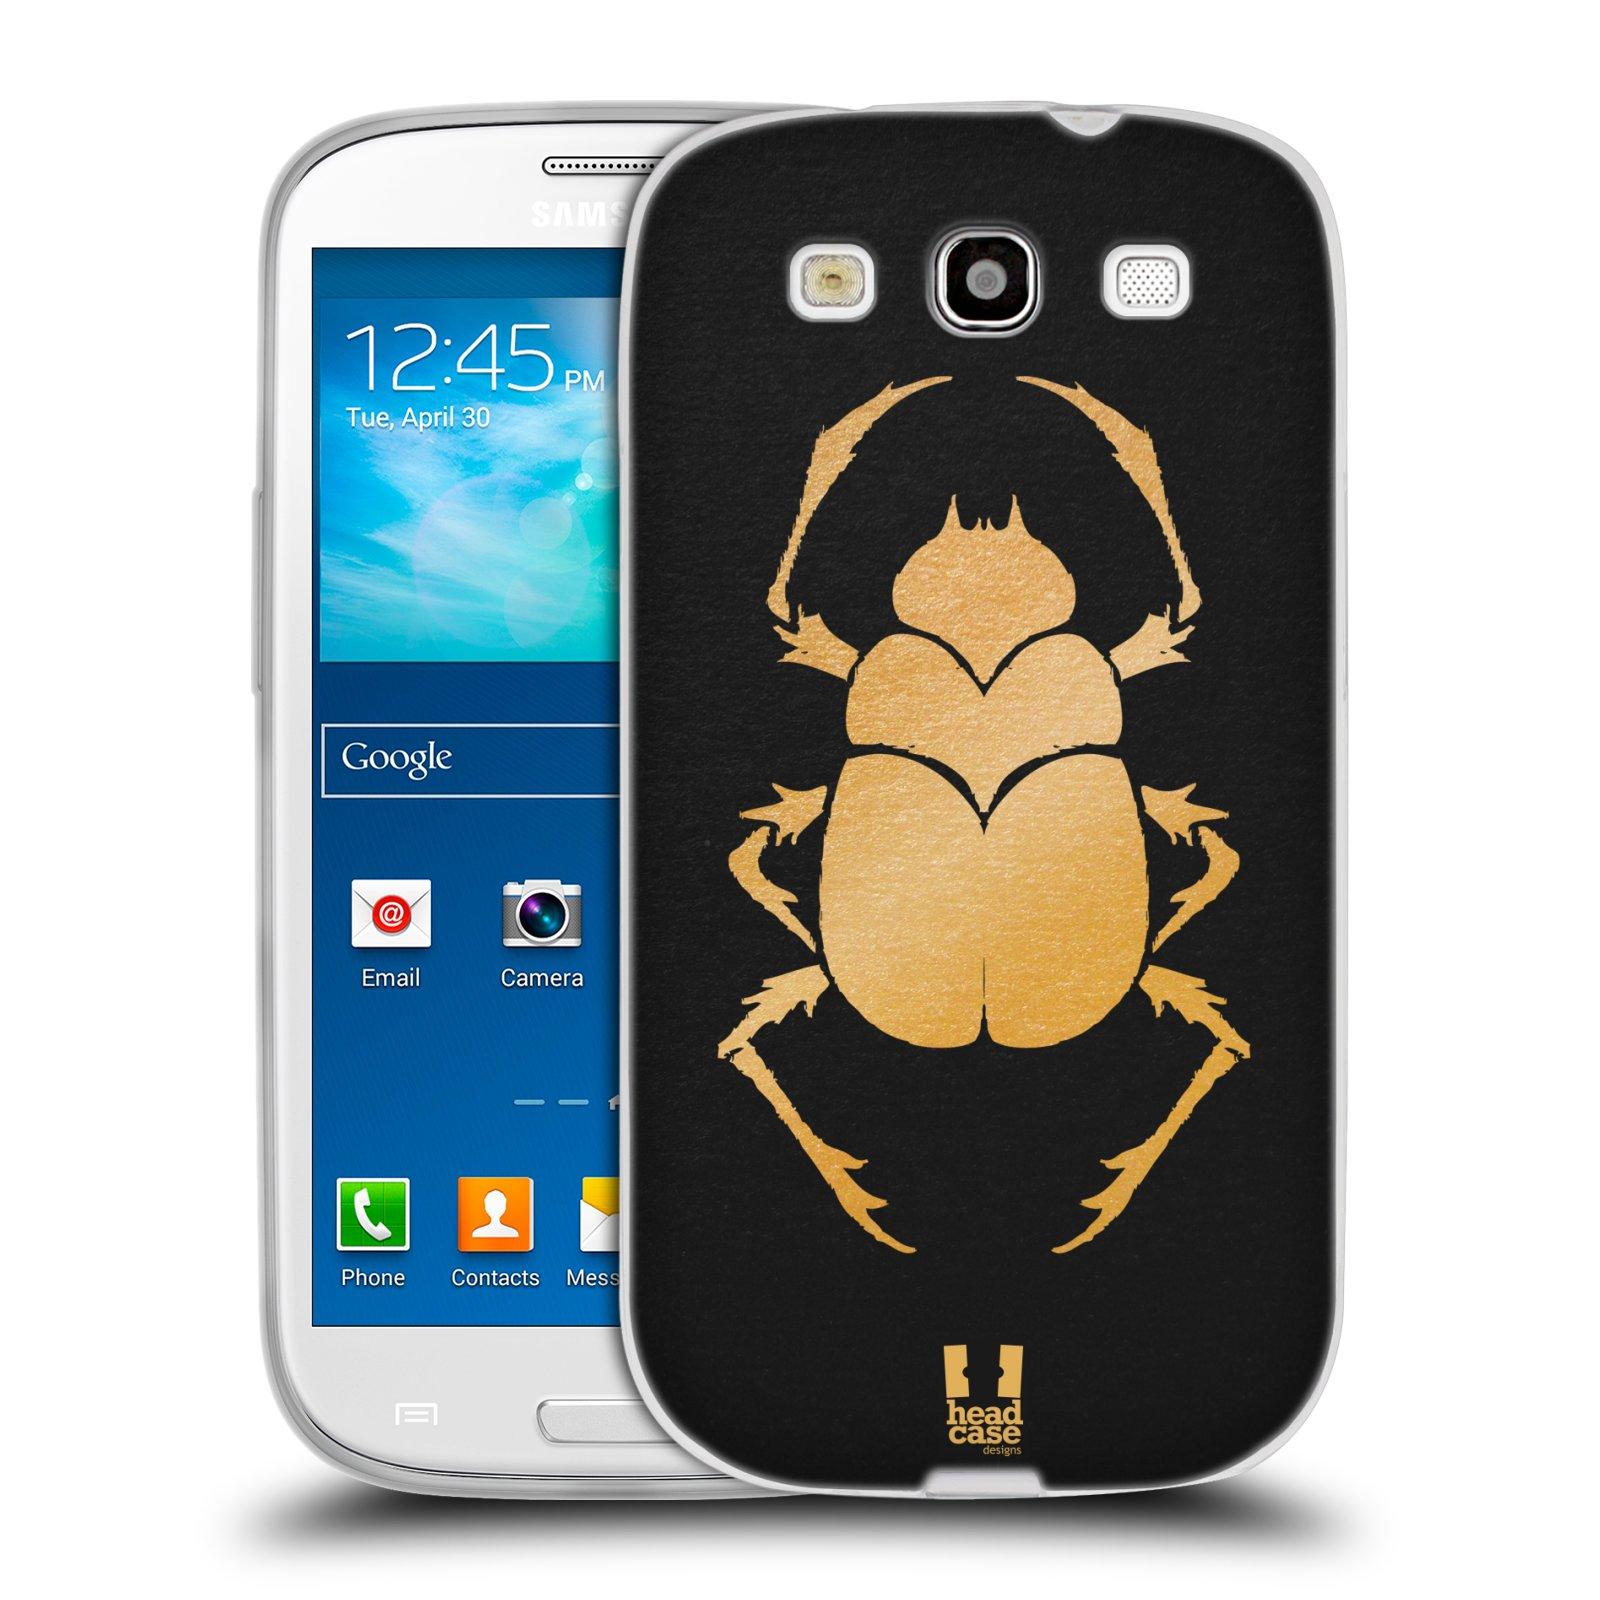 HEAD CASE silikonový obal na mobil Samsung Galaxy S3 i9300 vzor EGYPT zlatá a černá BROUK SKARAB